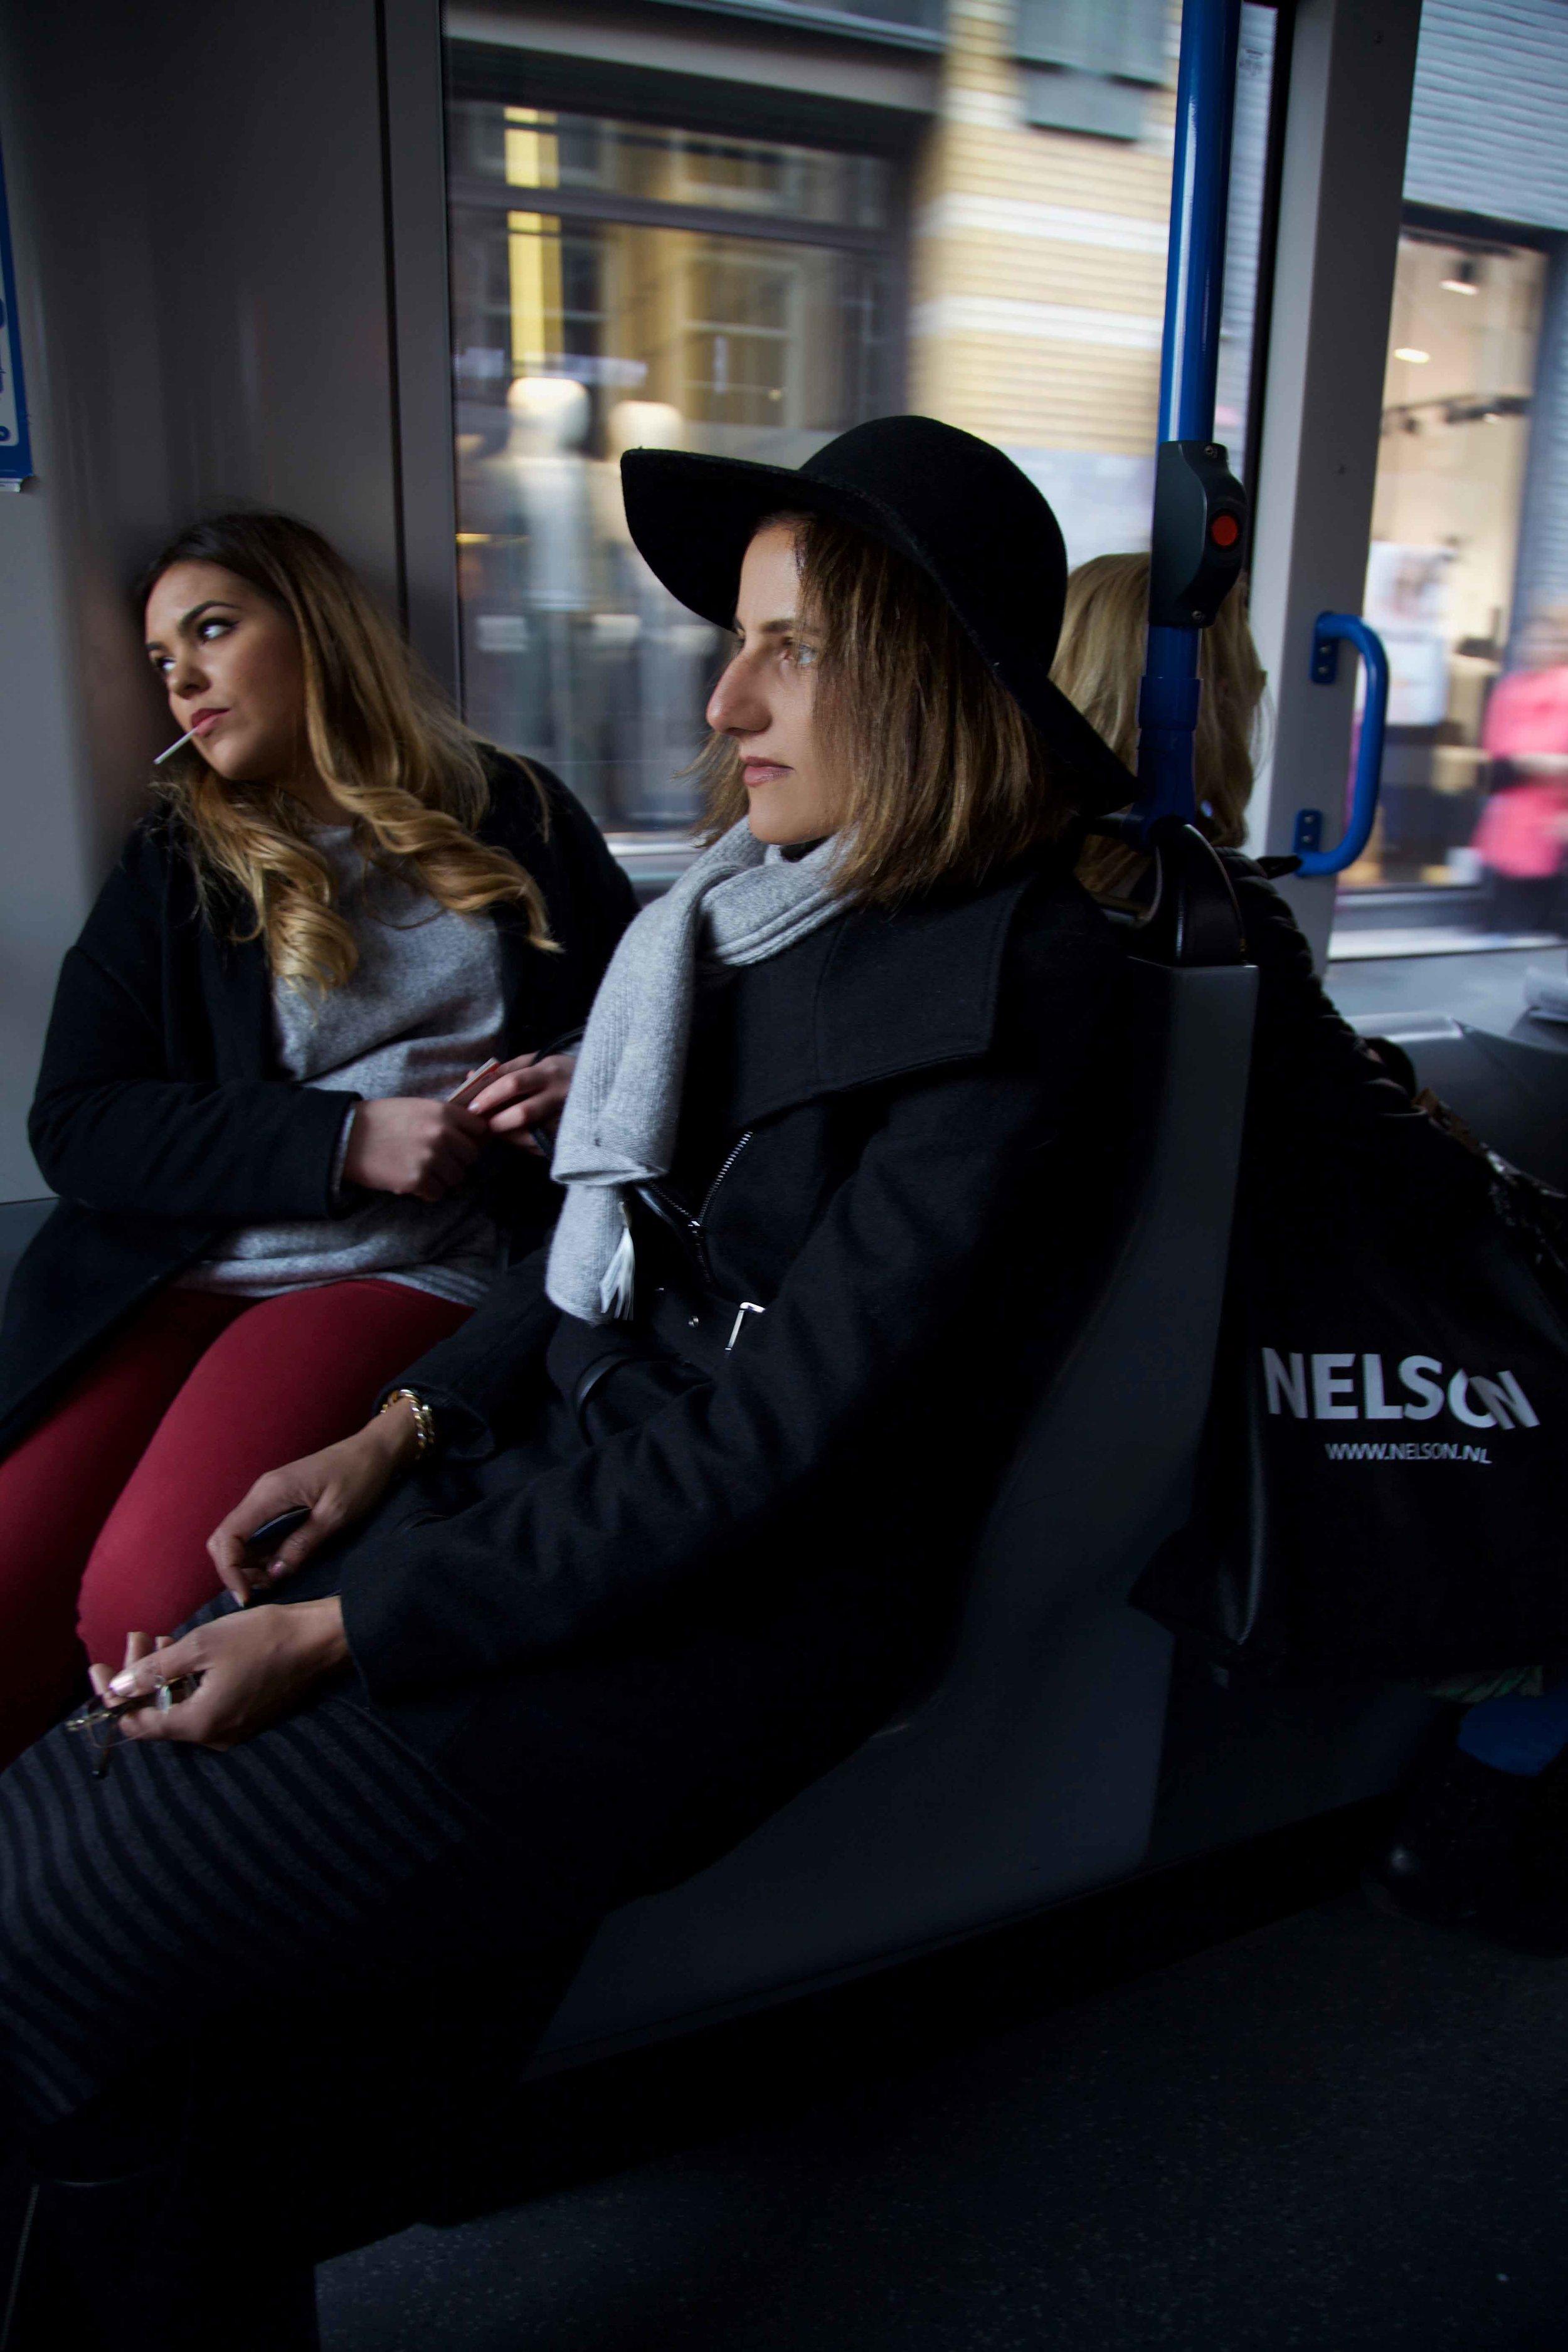 Tram ride,Amsterdam.Photo: Fabio Ricci. Image©thingstodot.com